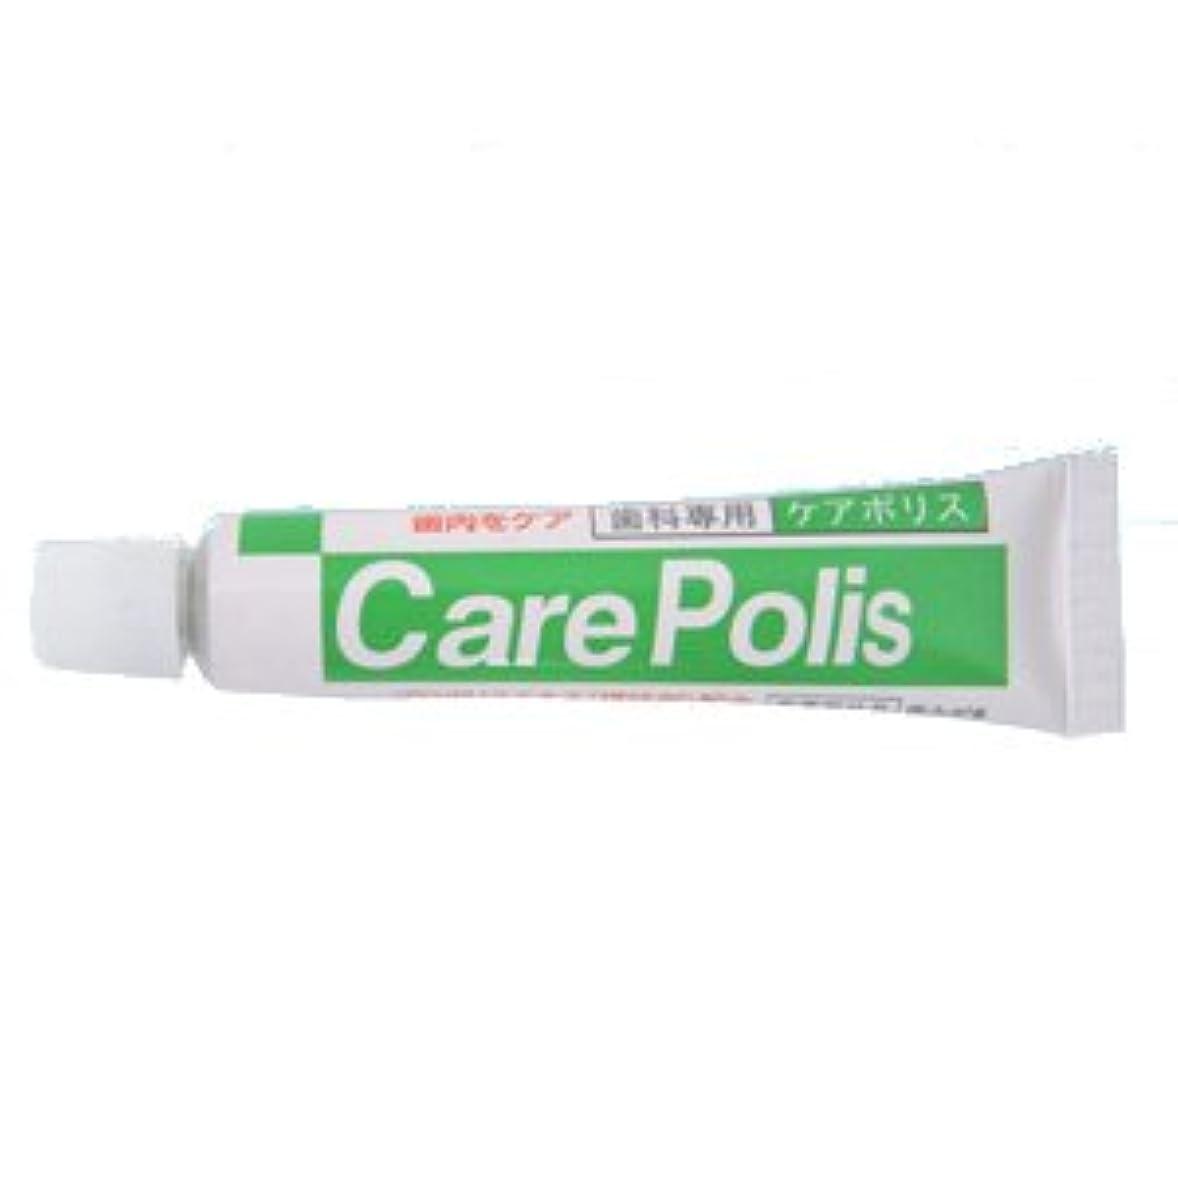 常習的晴れ静かな薬用歯磨 ケアポリス 7g 医薬部外品